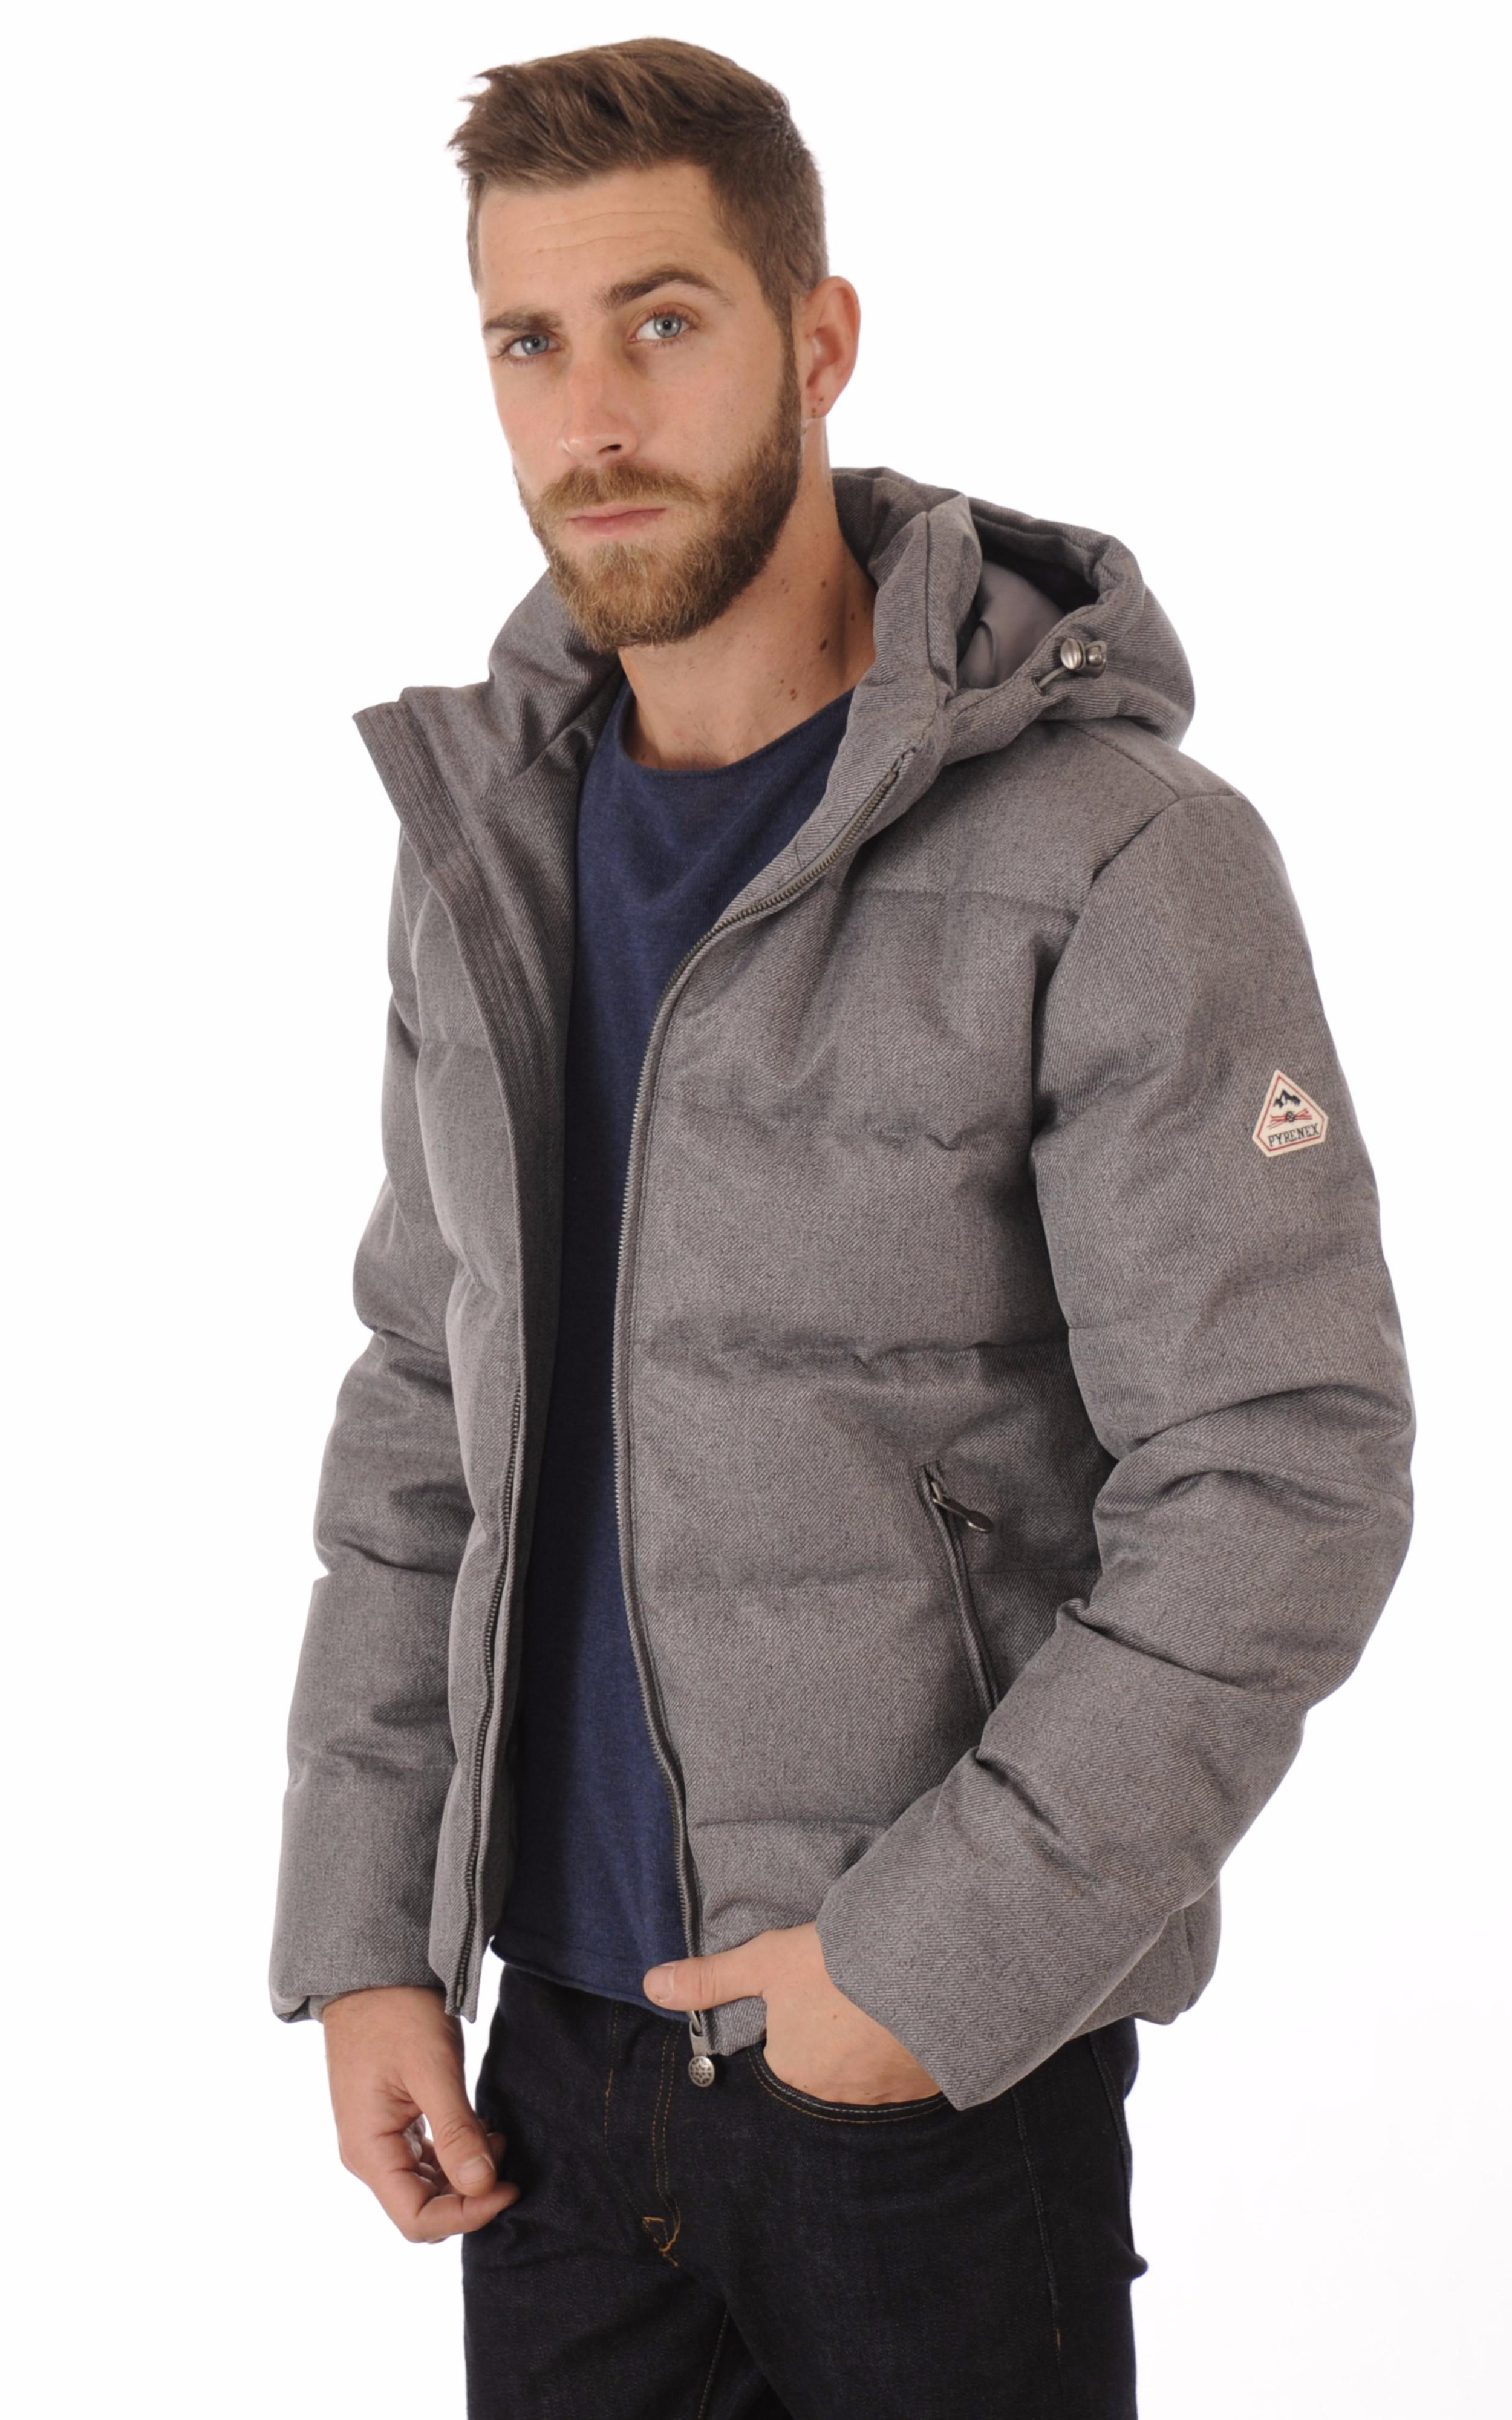 Doudoune Spoutnic Jacket Gris Pyrenex - La Canadienne - Doudoune ... afd23da2934